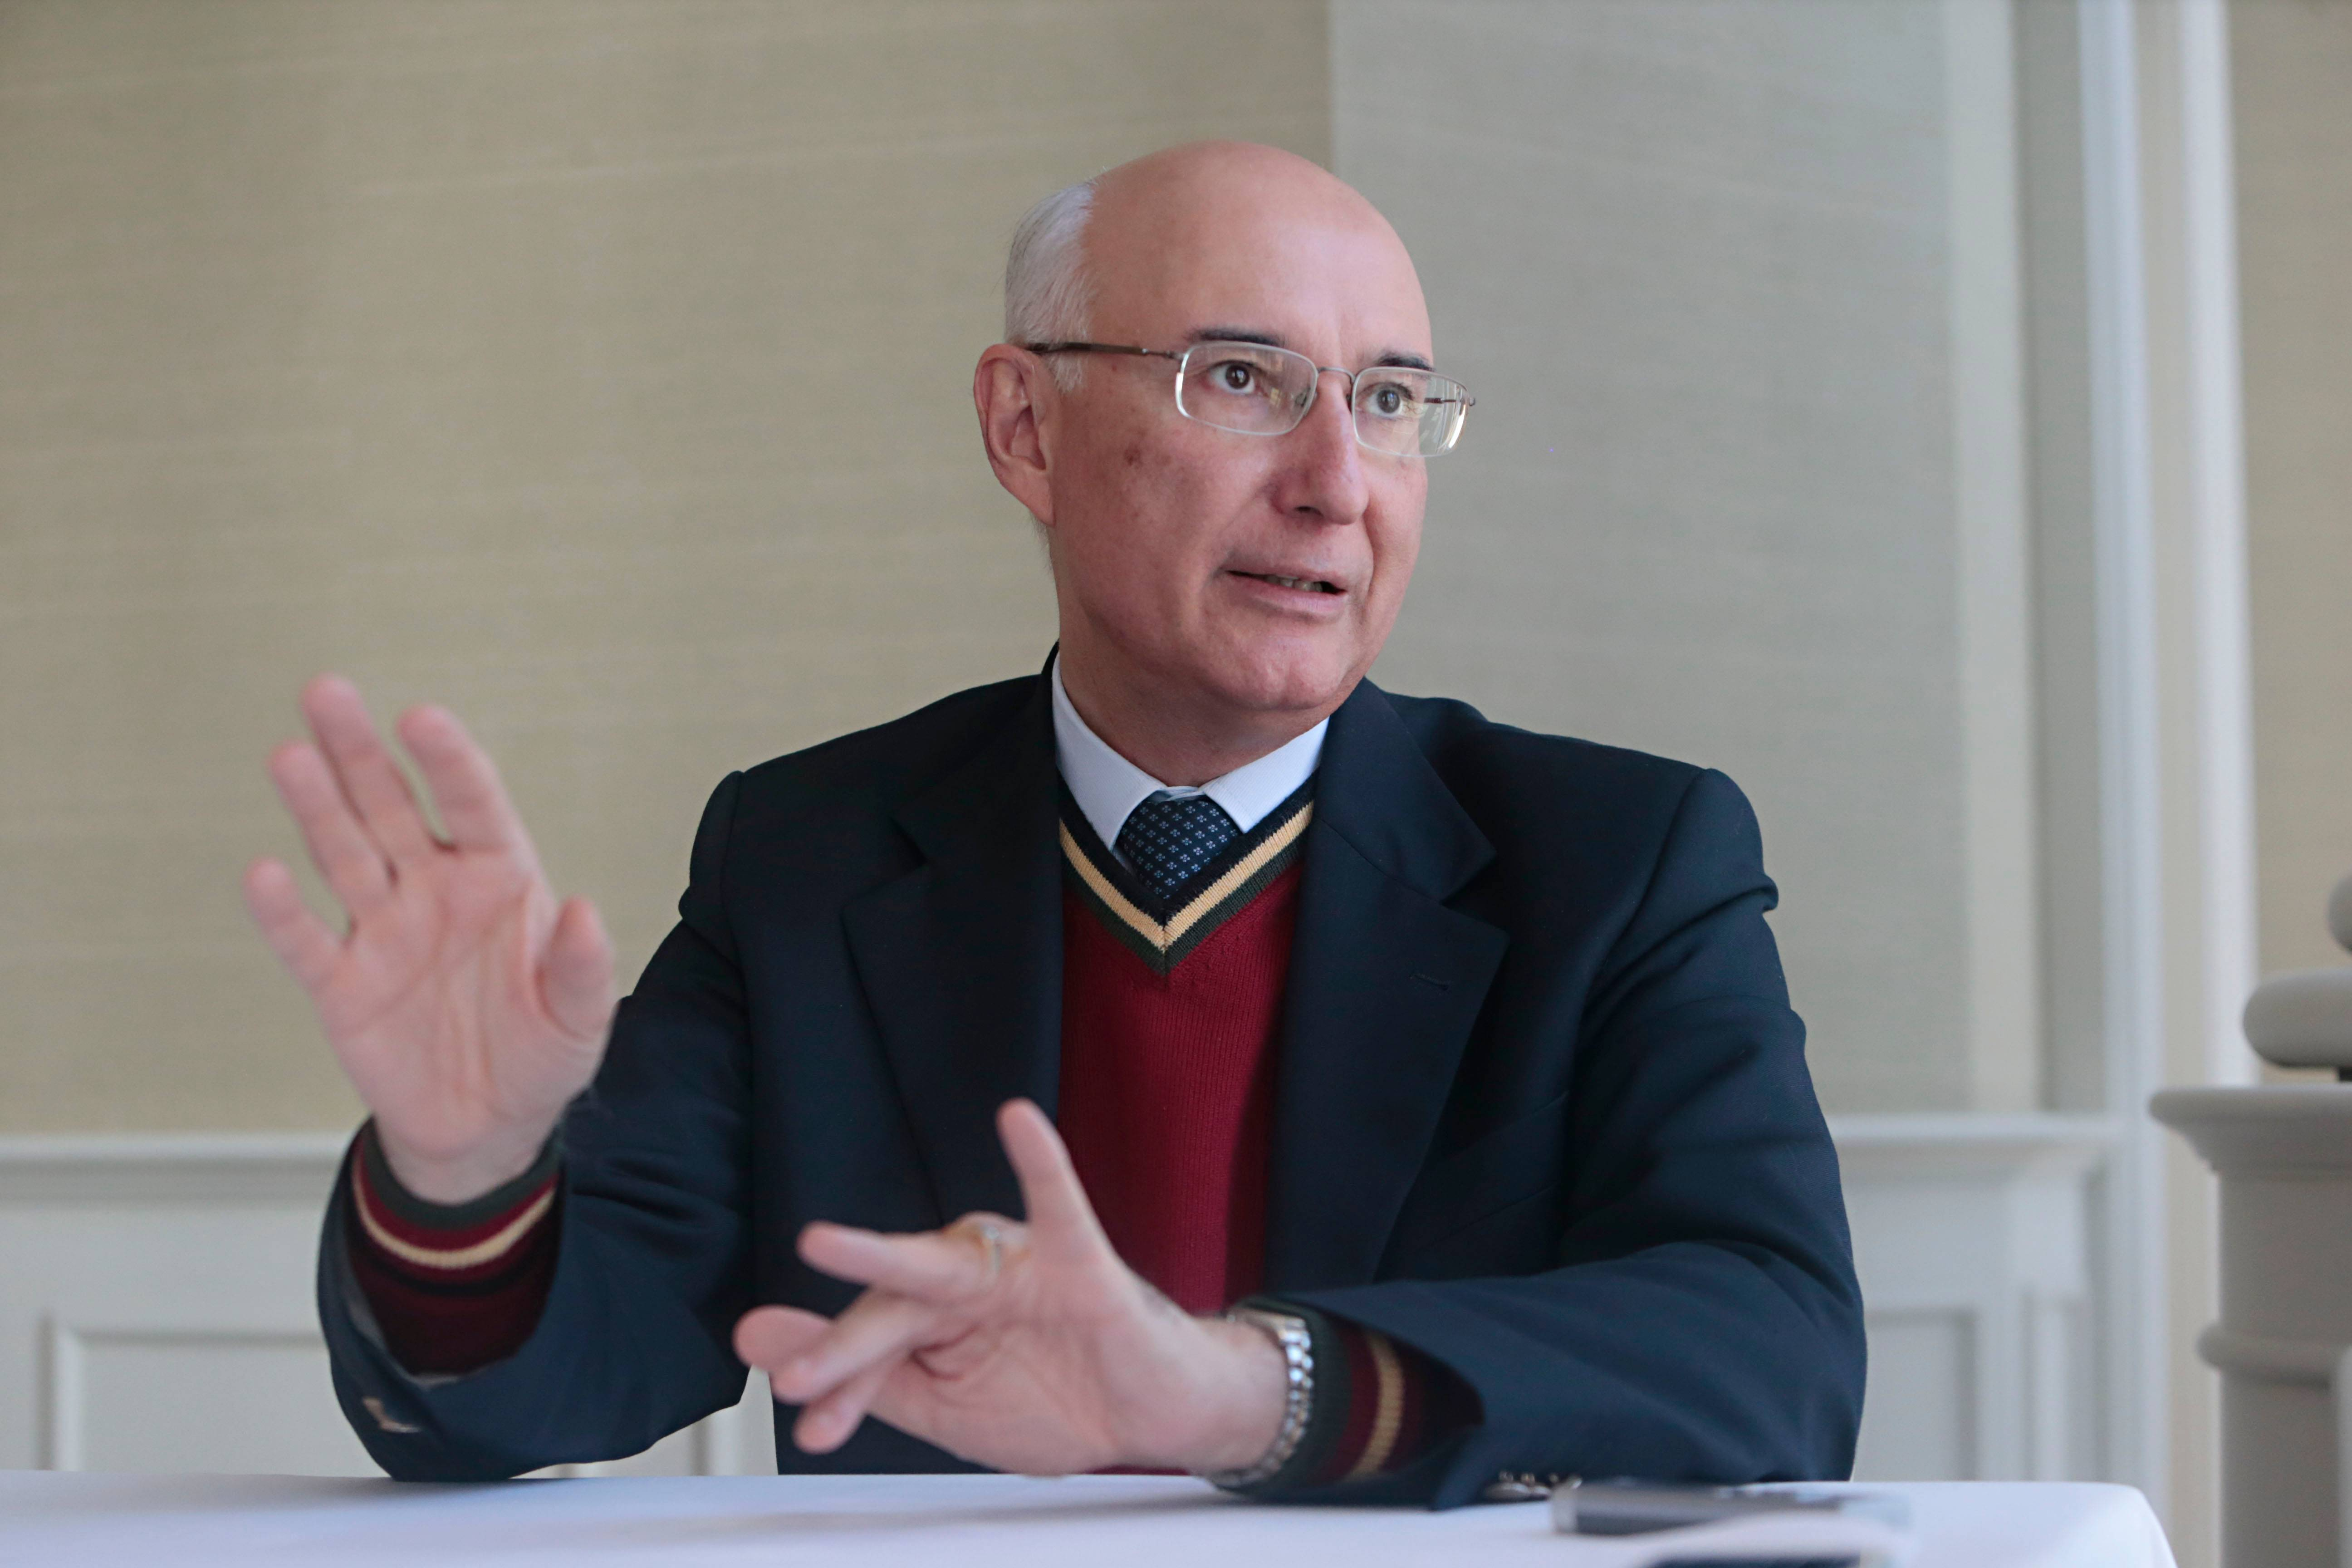 Ministro do Tribunal Superior do Trabalho Ives Gandra Martins Filho é considerado forte candidato por sua formação e capacidade.